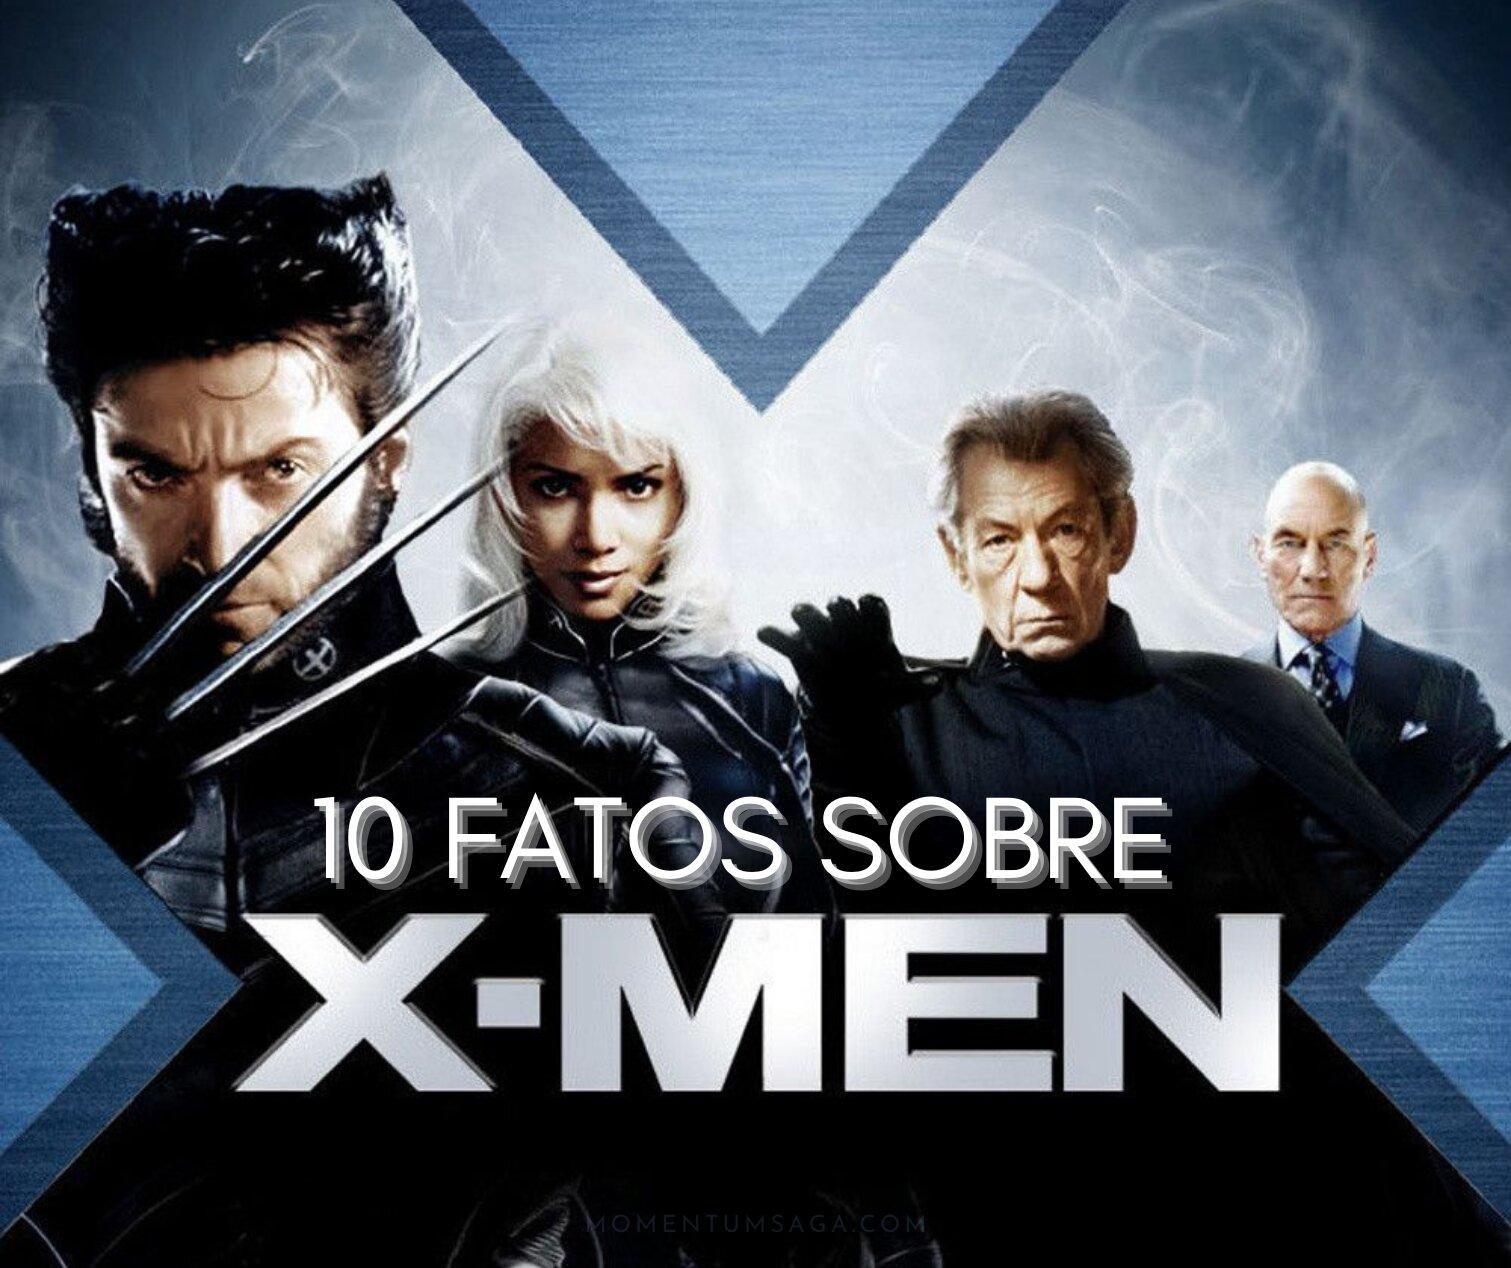 10 coisas que você não sabia sobre X-Men: O Filme